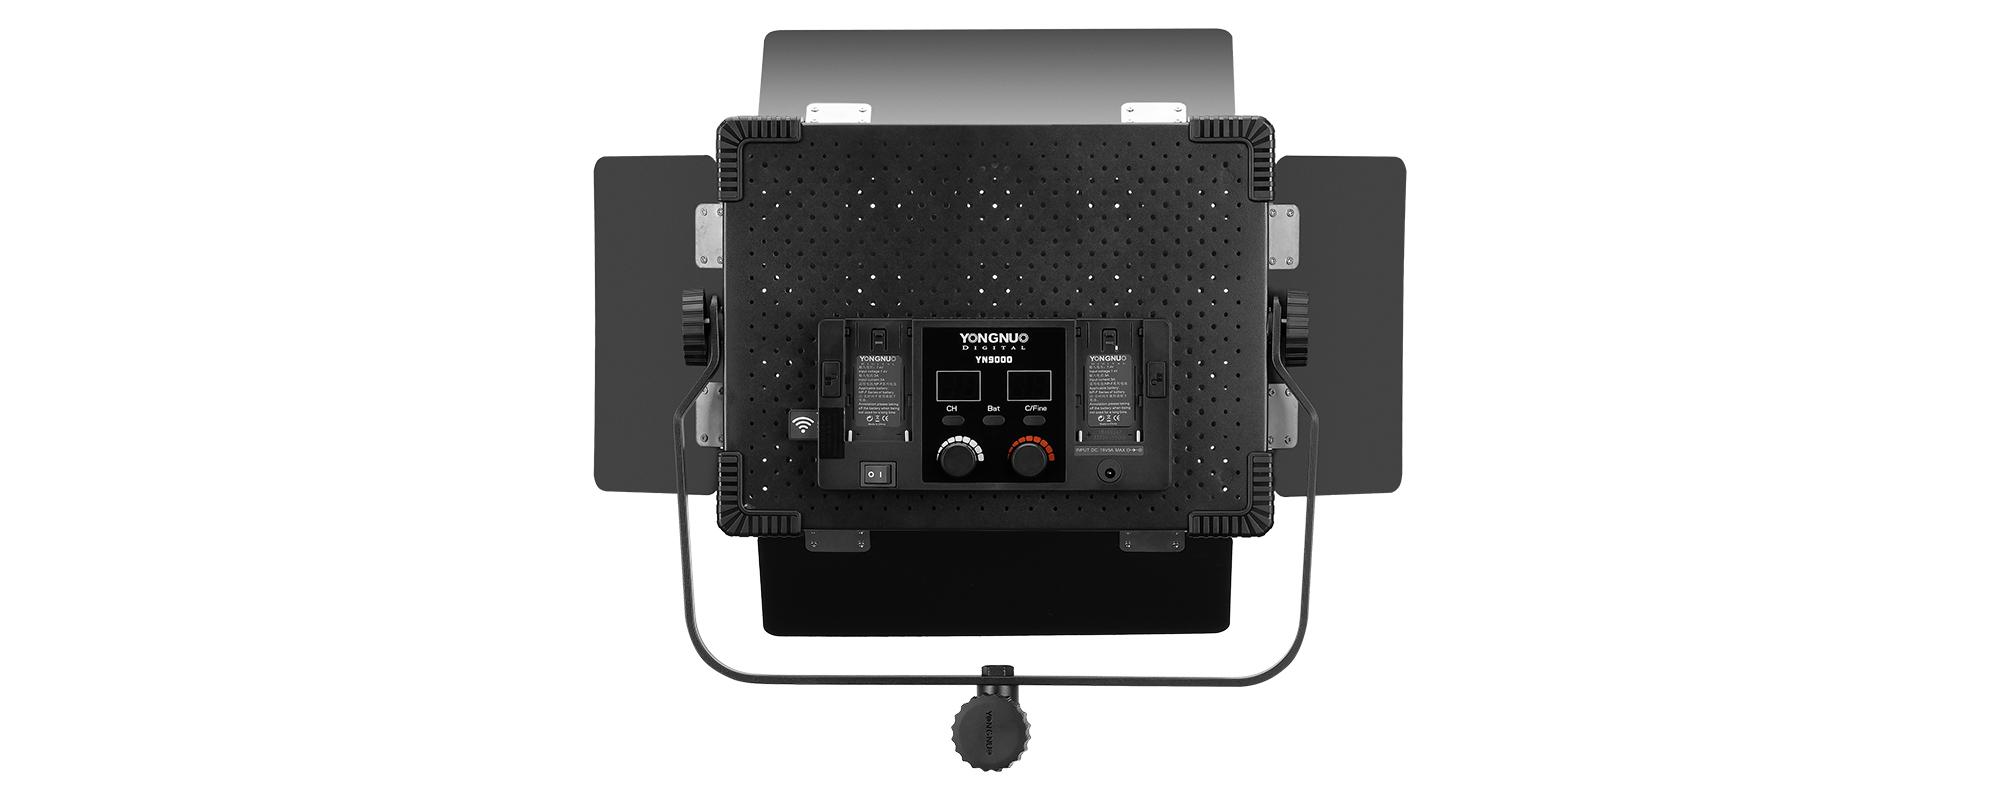 Lampa LED Yongnuo YN9000 - WB (3200 K - 5600 K) - panel kontrolny